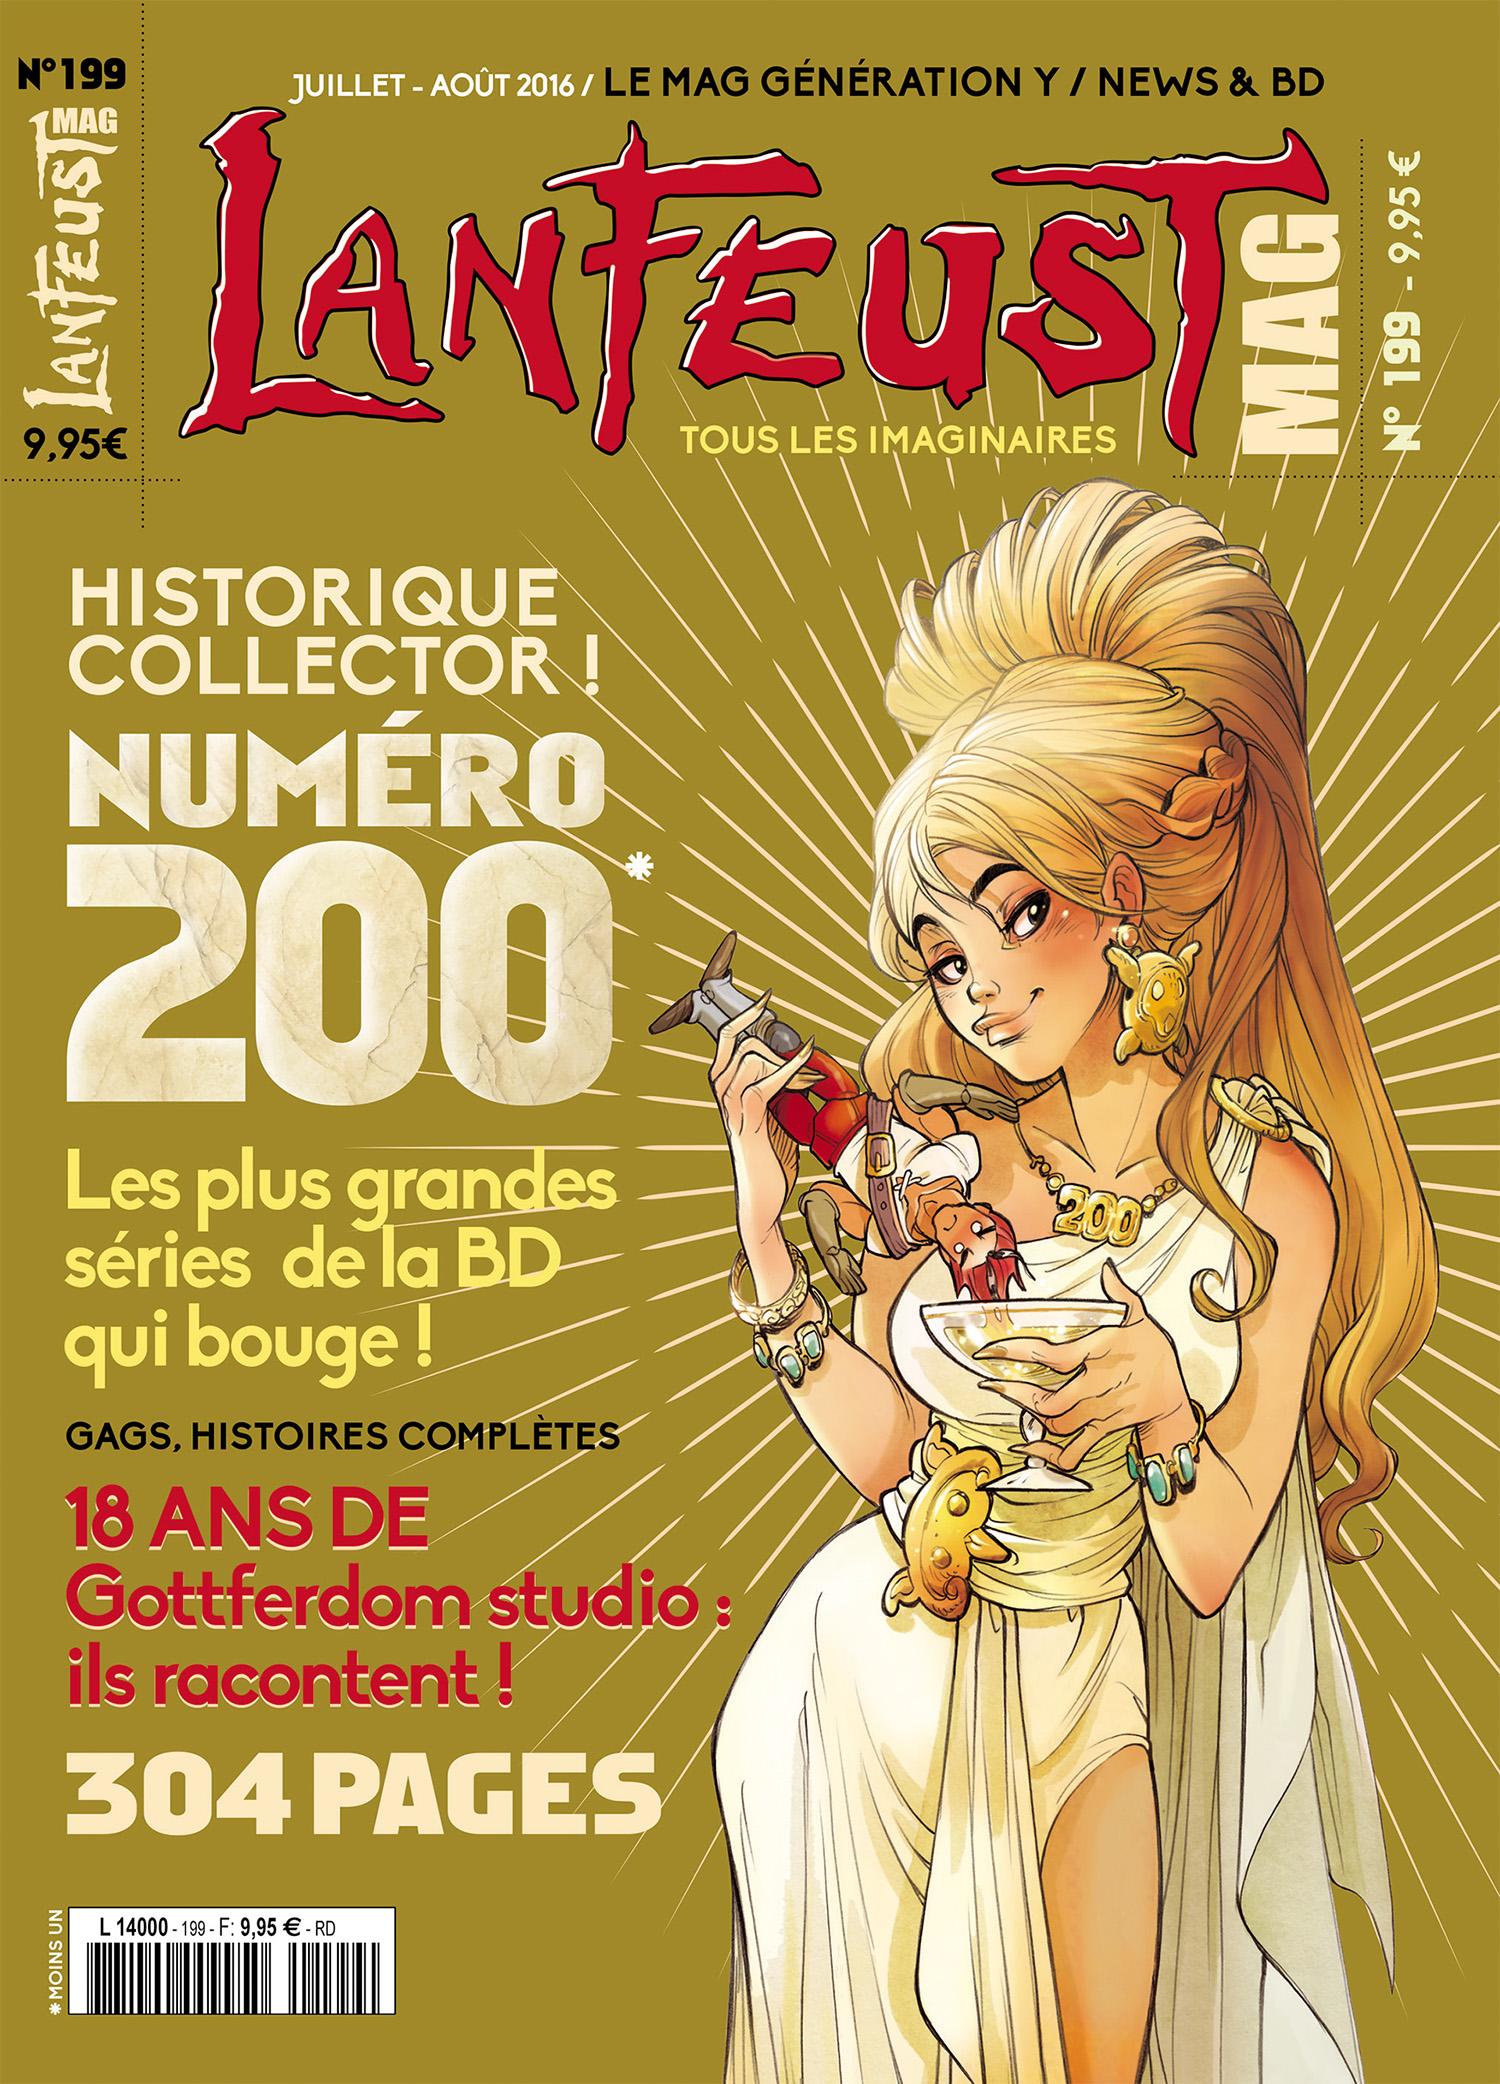 LanfeustMag 199 - C1C4.indd